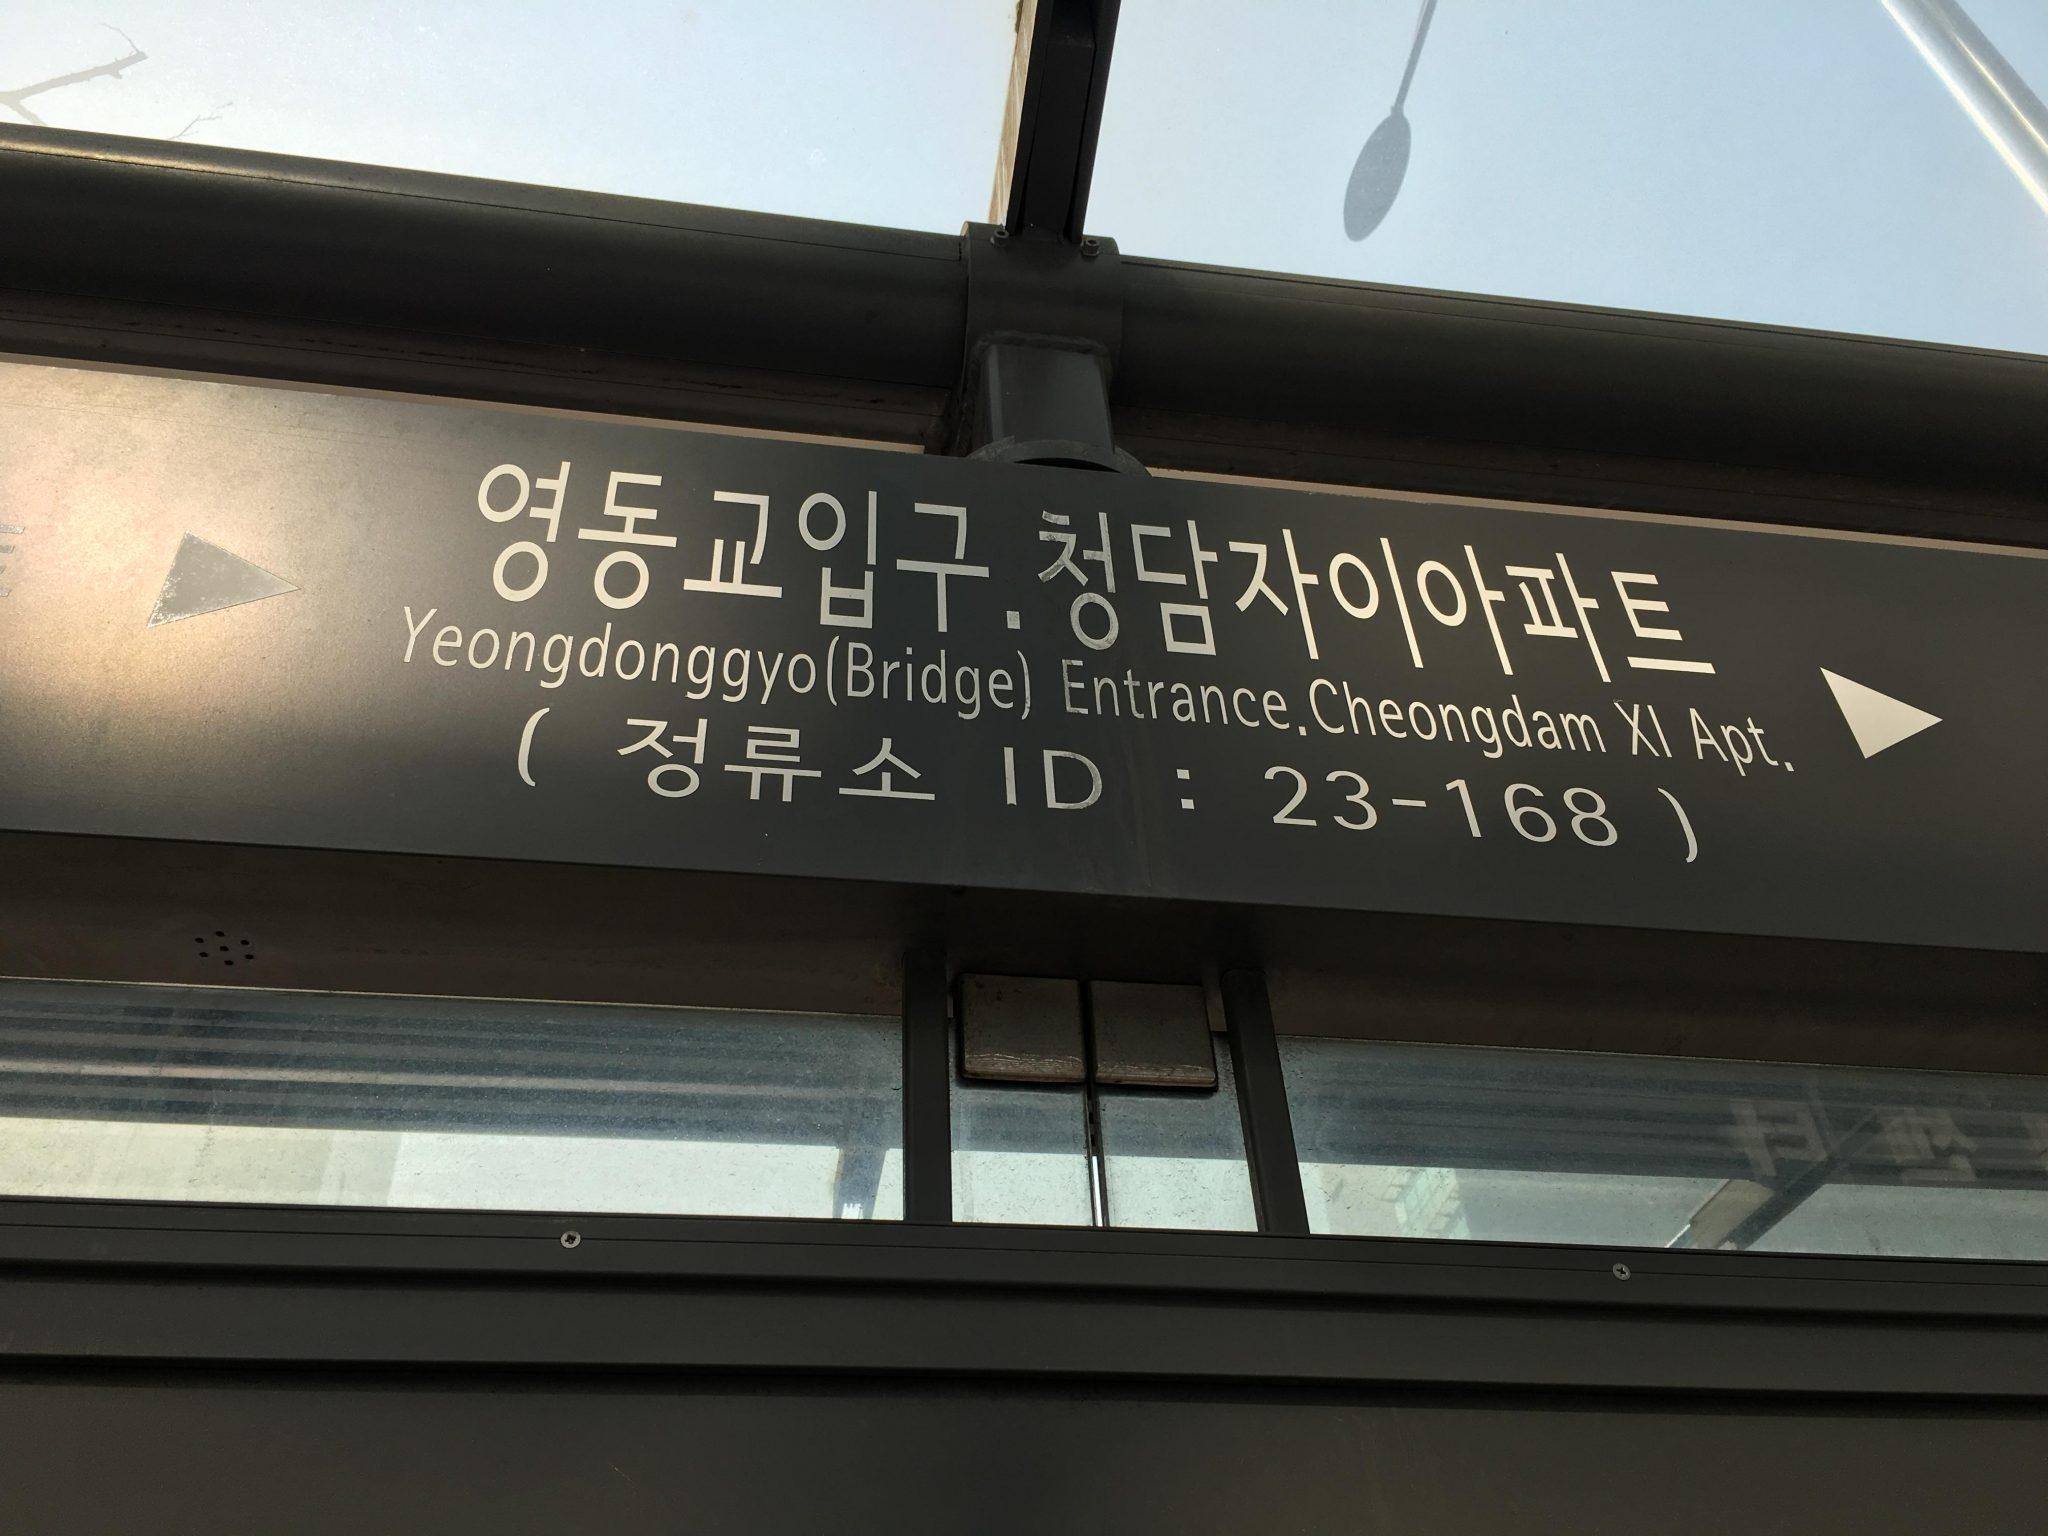 테슬라 청담 매장 앞 정류장 (영동교입구)